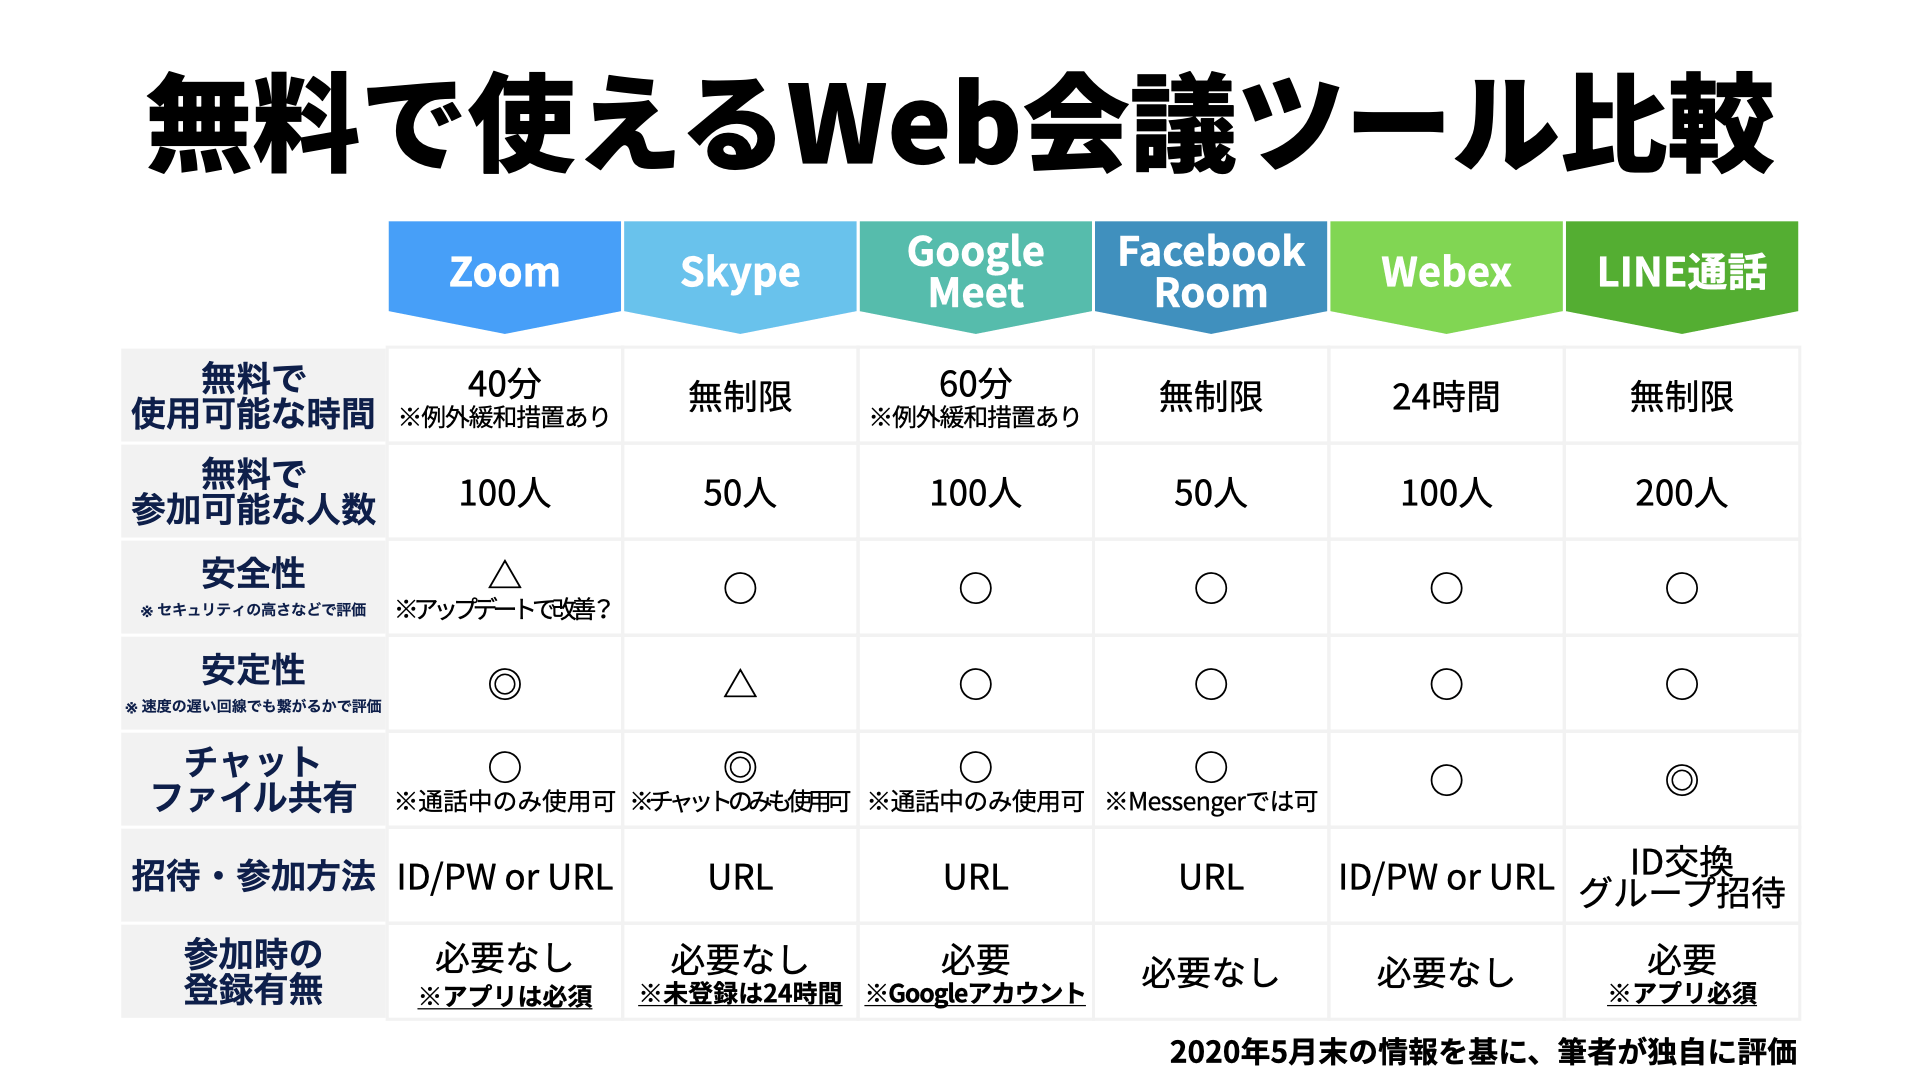 無料で使えるWeb会議ツール比較